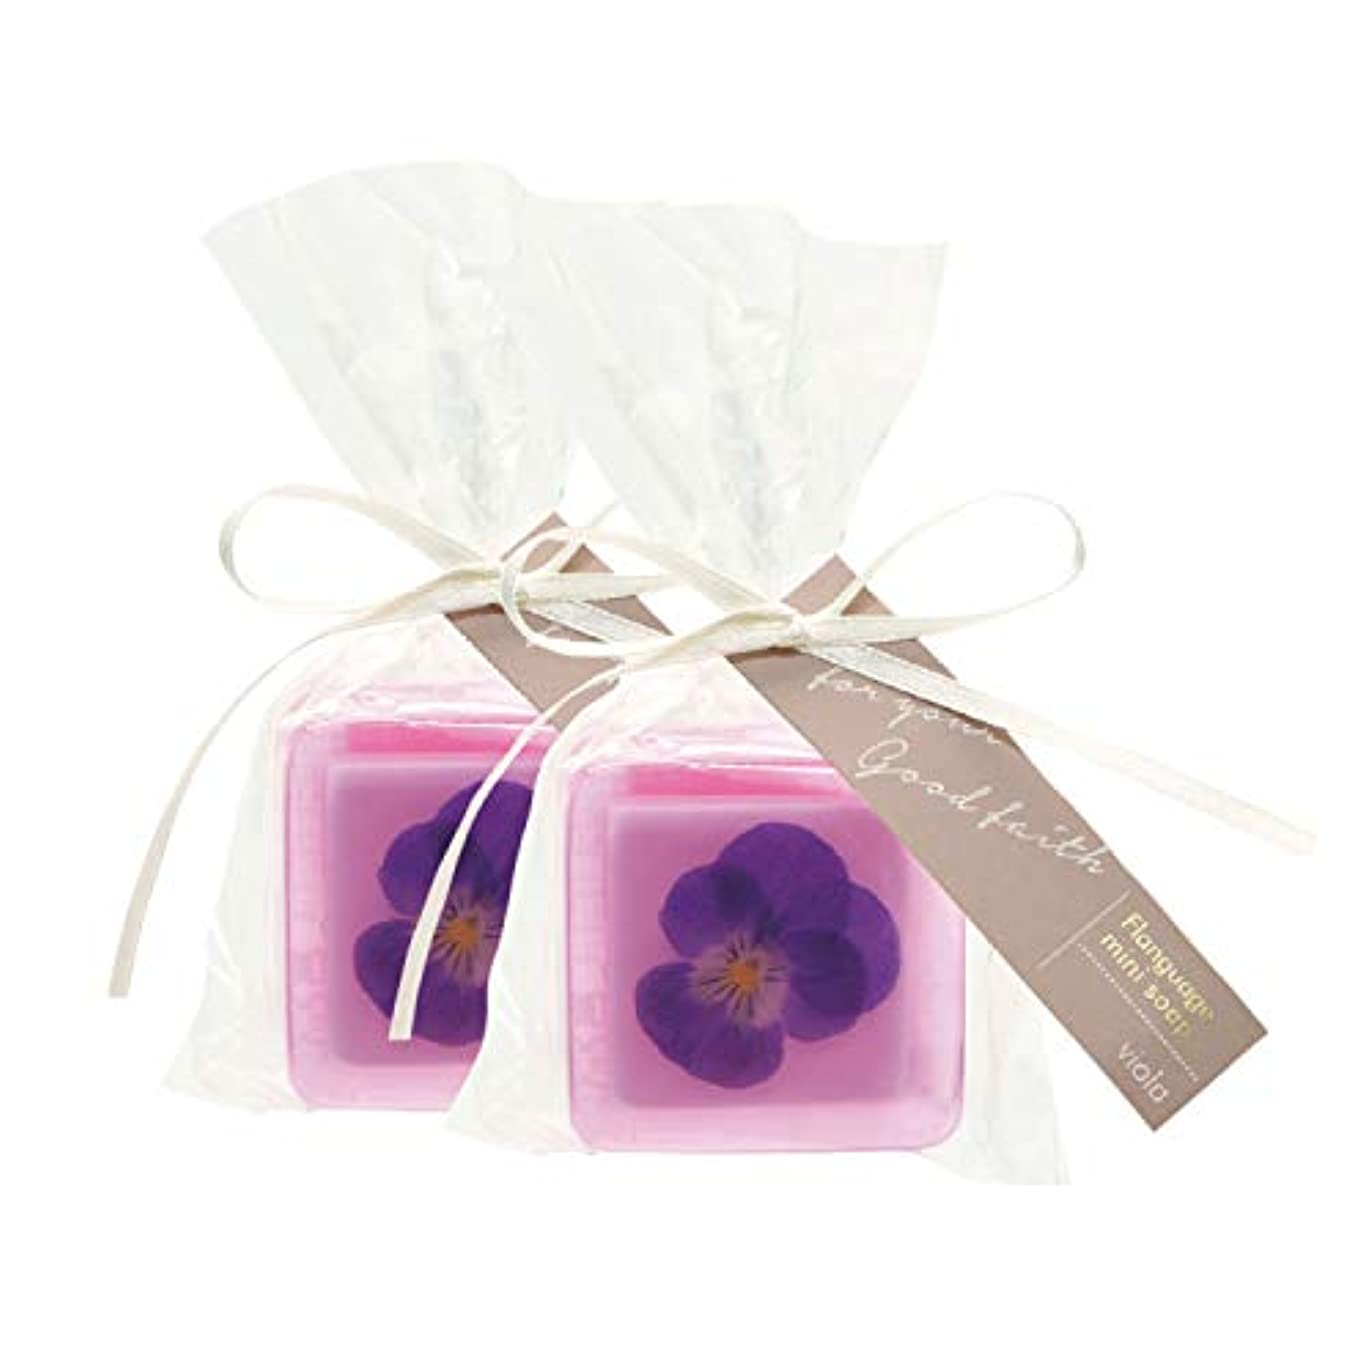 キモいもっと少なく魅力ノルコーポレーション フランゲージミニソープ ヴィオラ OB-FMS-1-1 石鹸 フローラルの香り セット 52g×2個